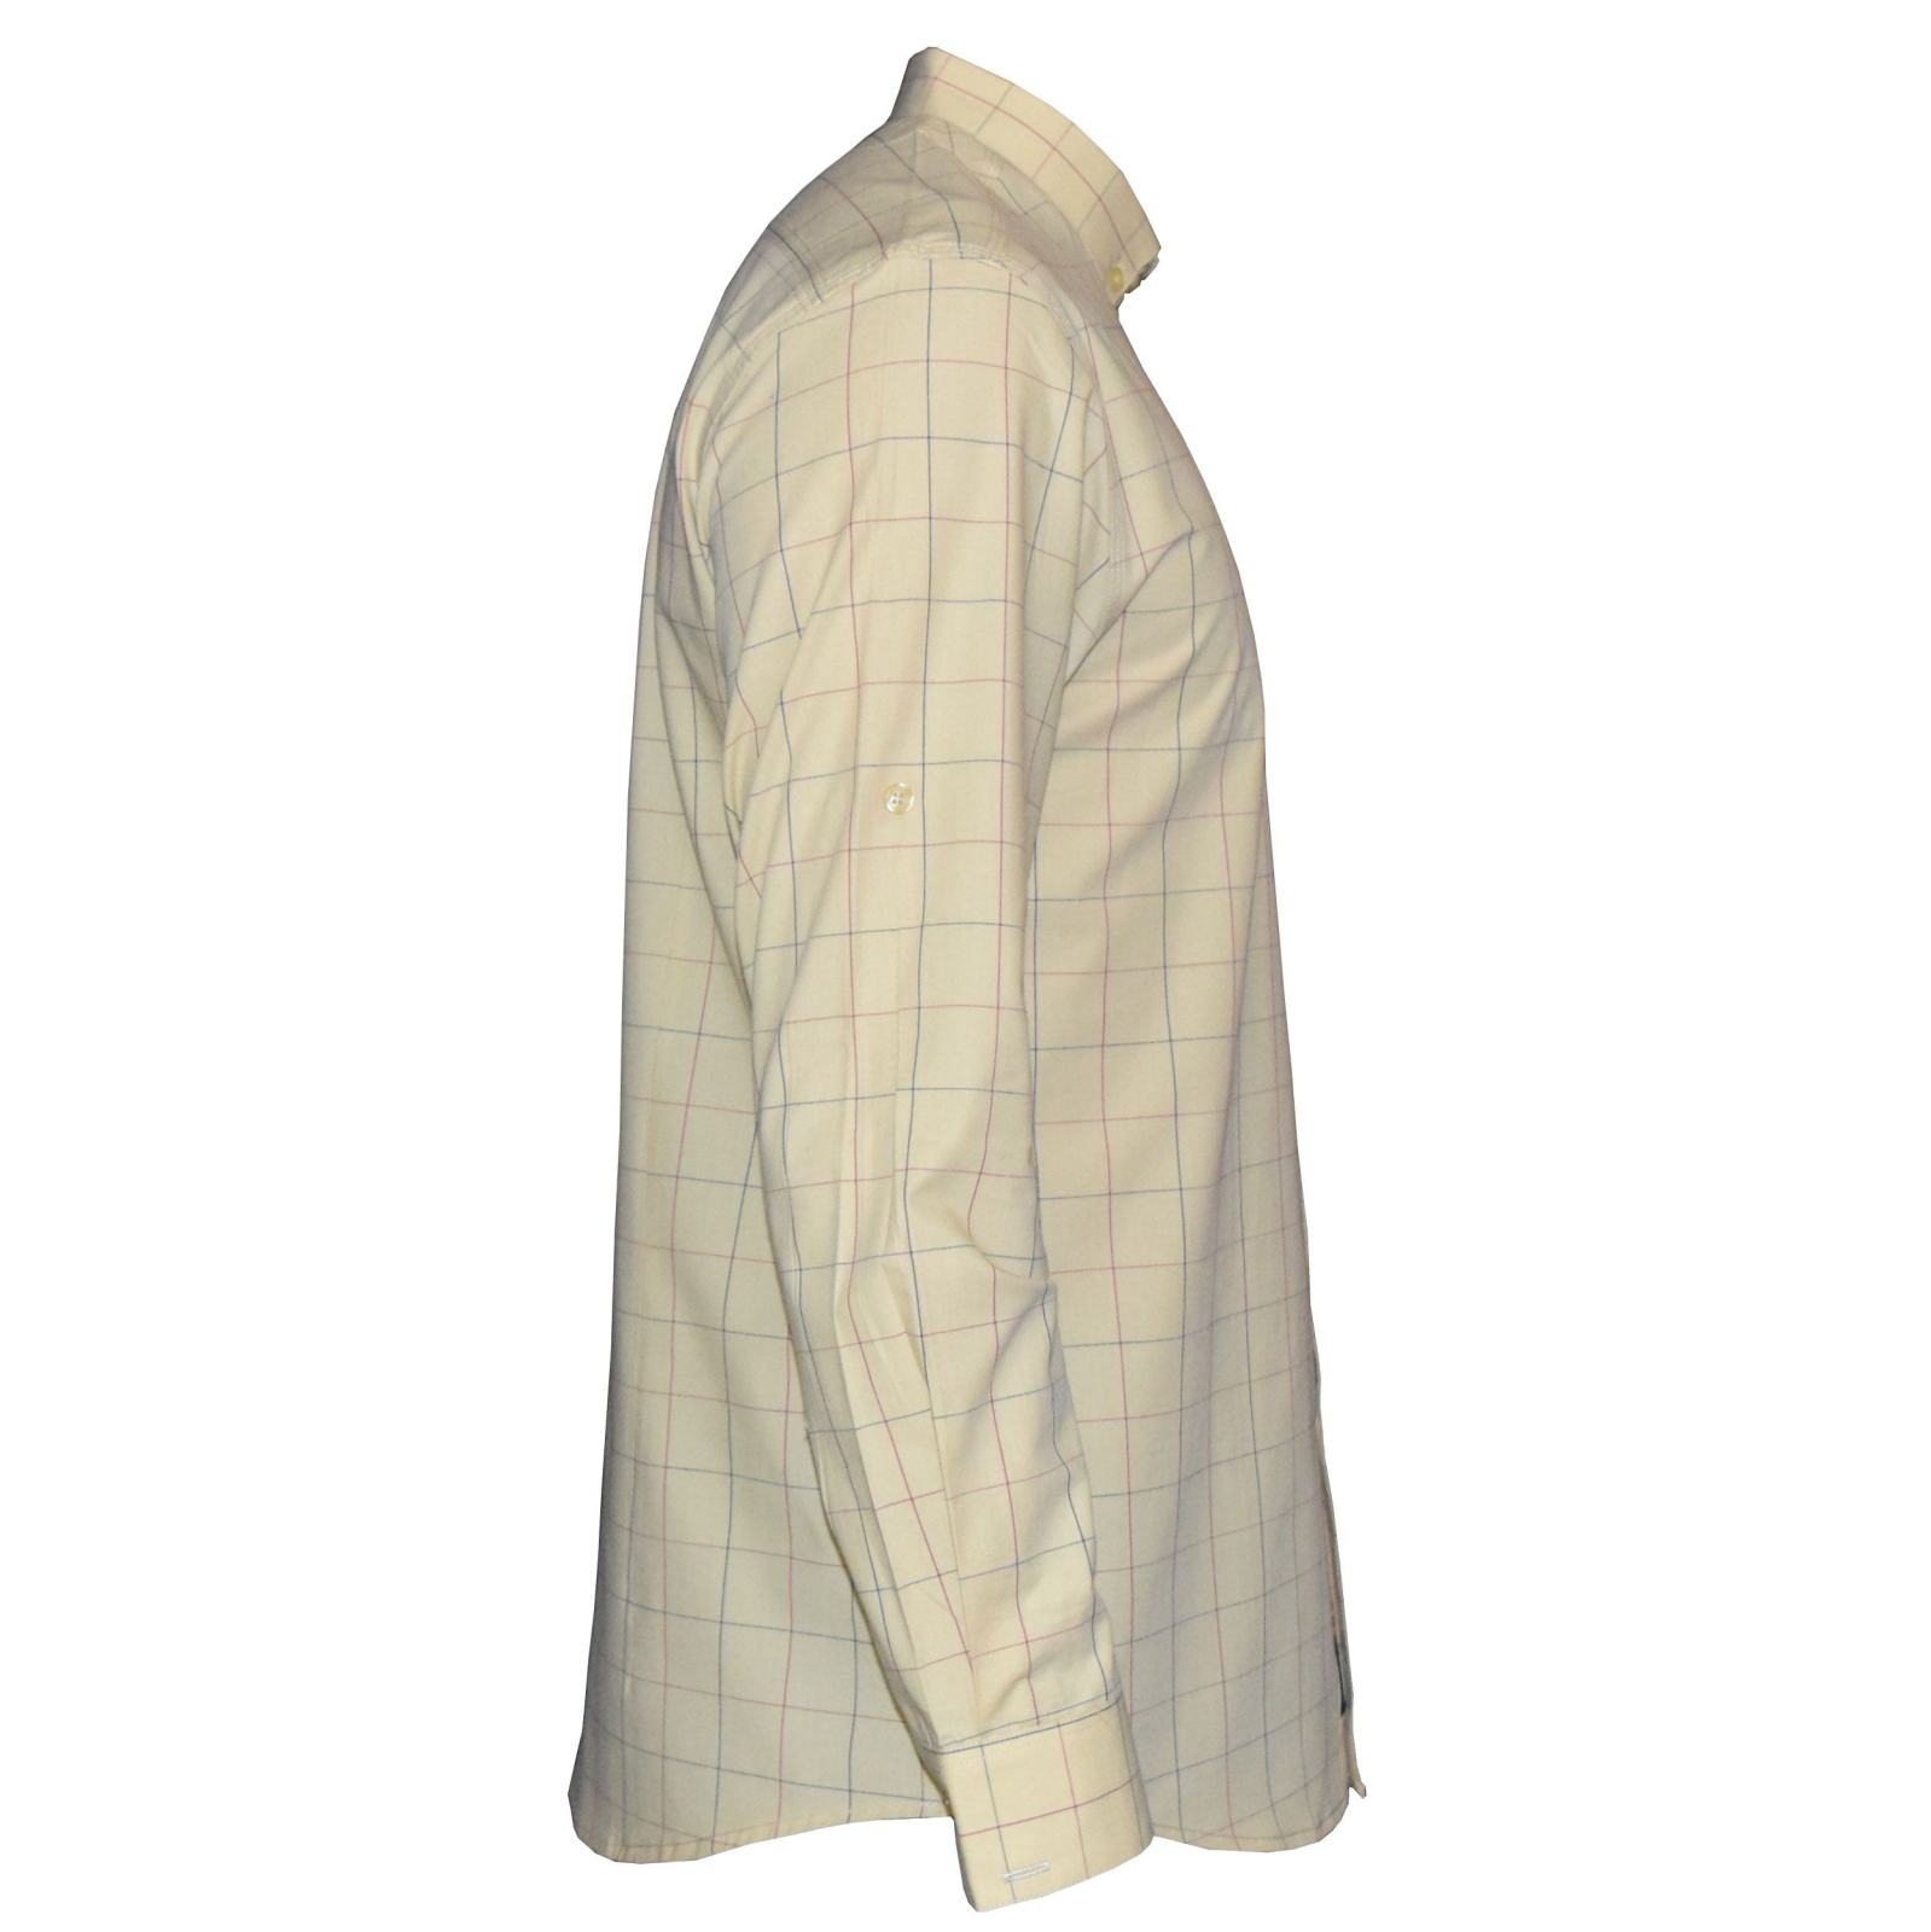 پیراهن مردانه پایتی جامه کد 1901513 main 1 2